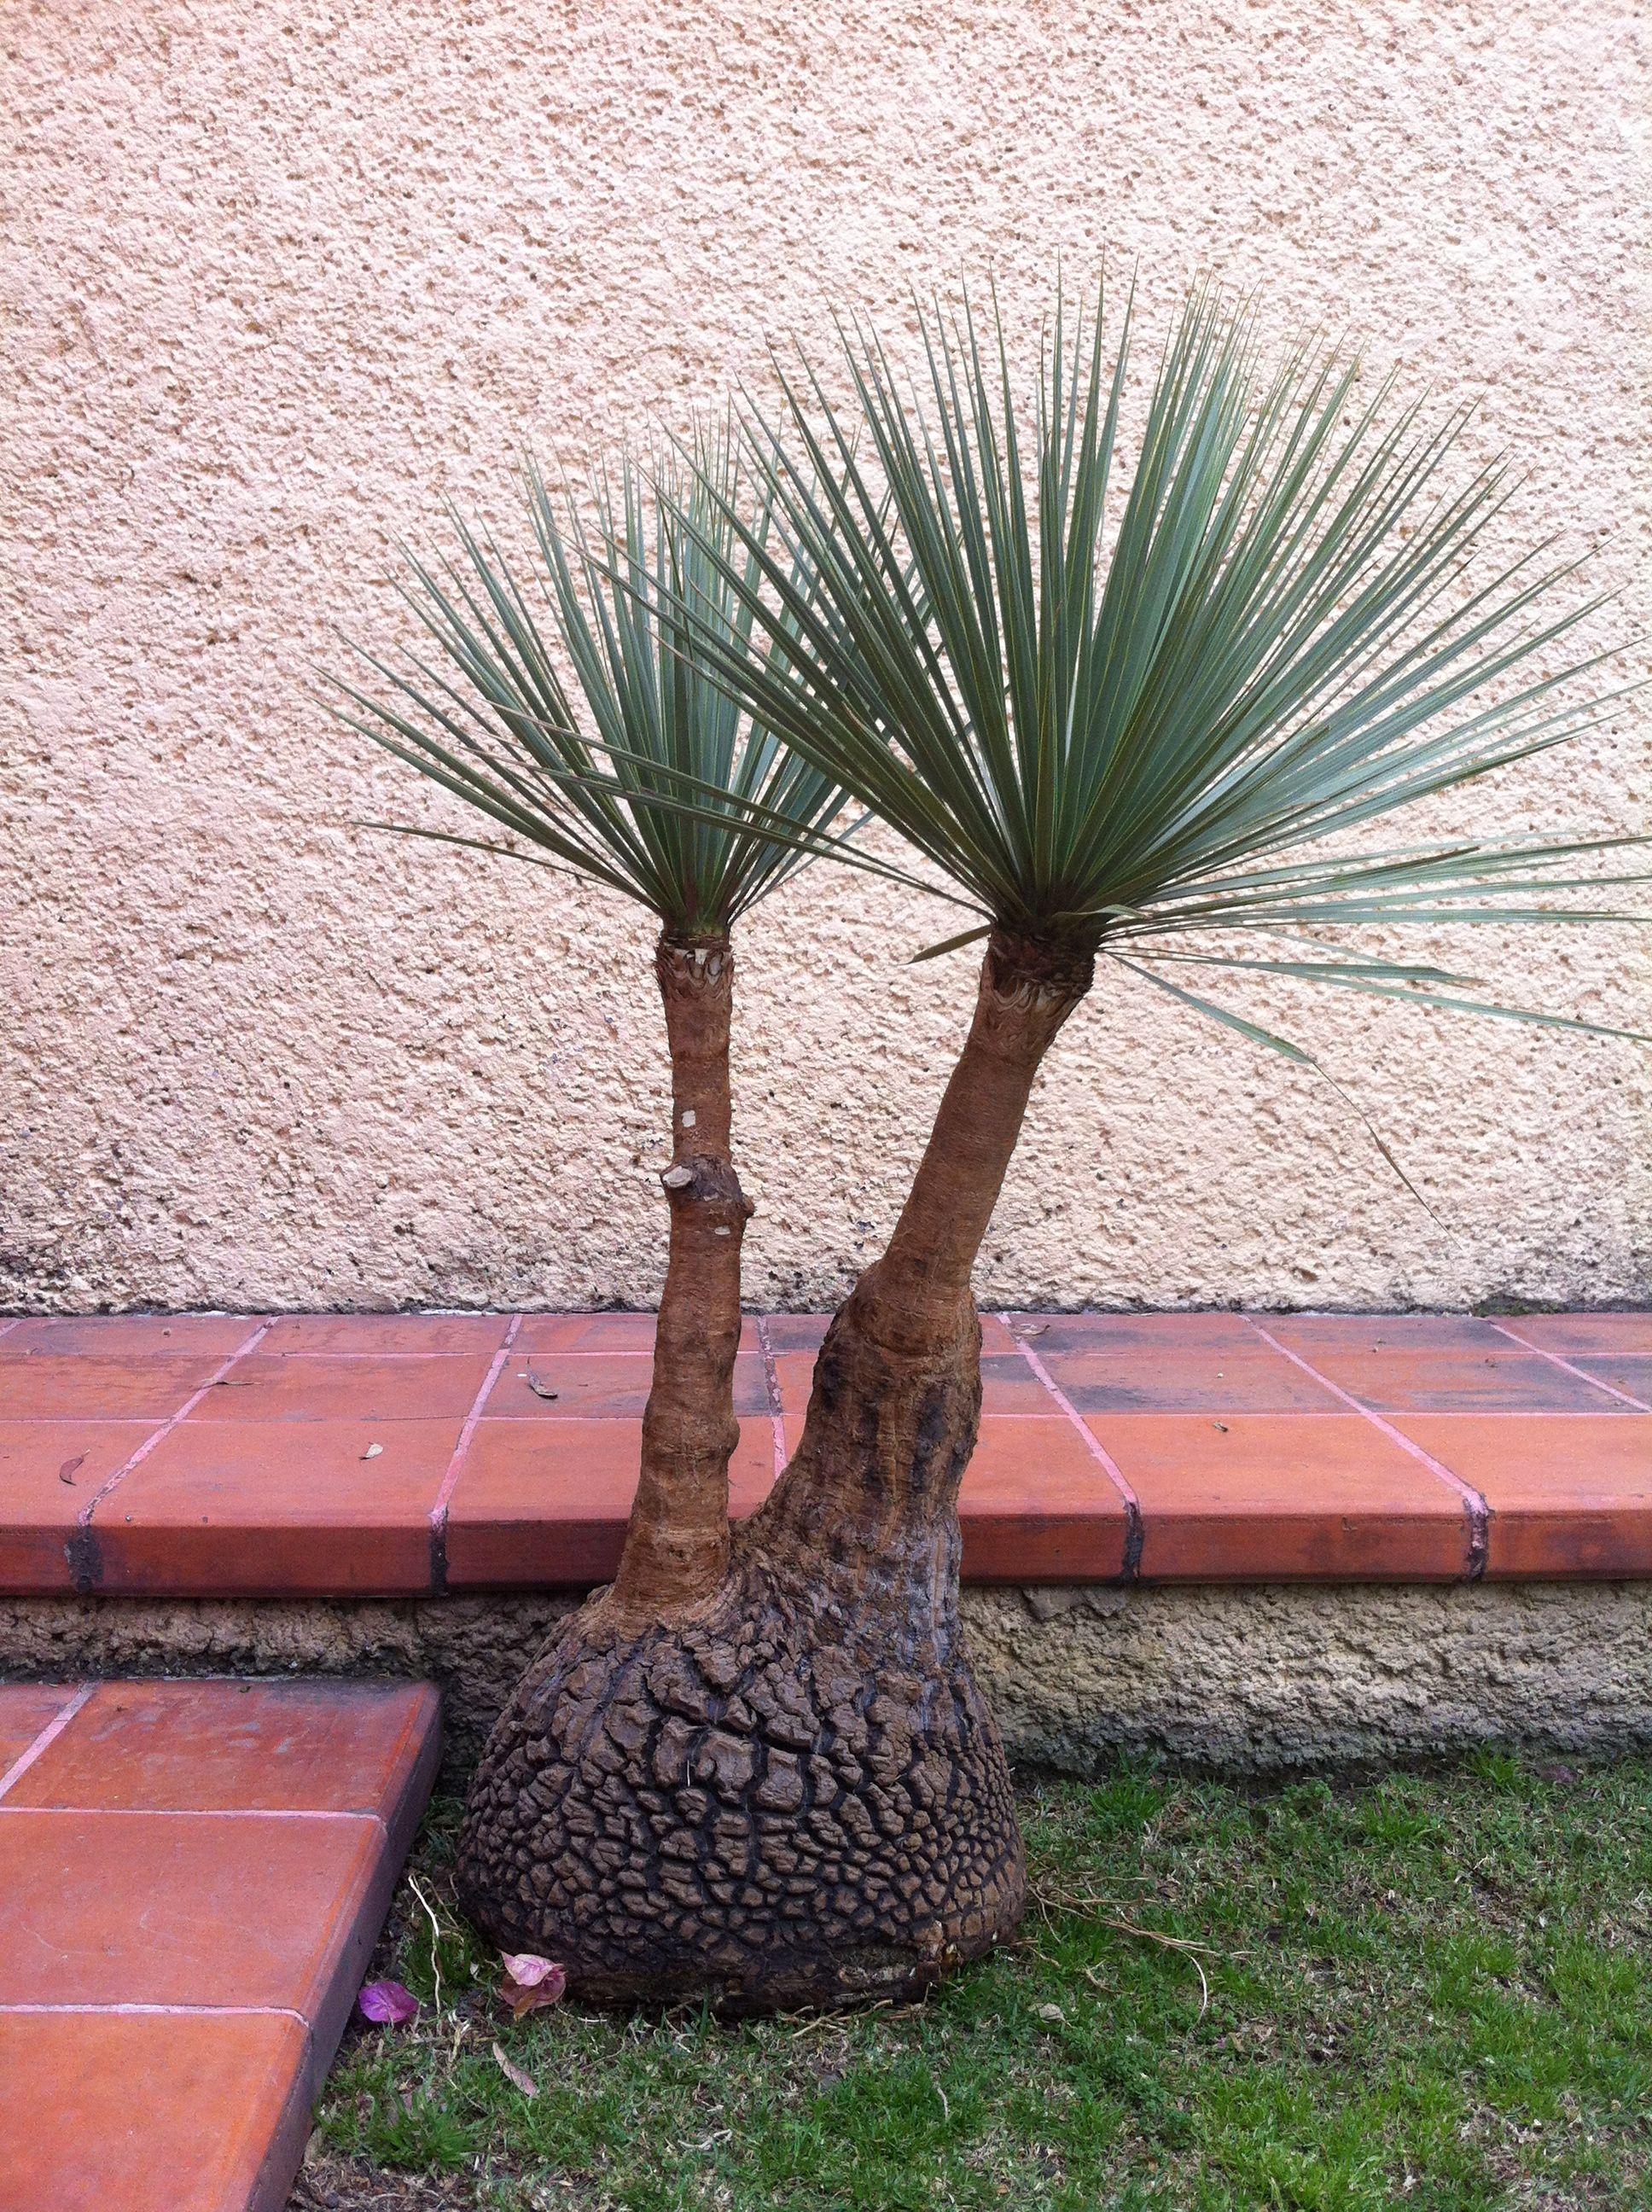 Pata de elefante del desierto plantas de nuestra casa - Planta pata de elefante ...